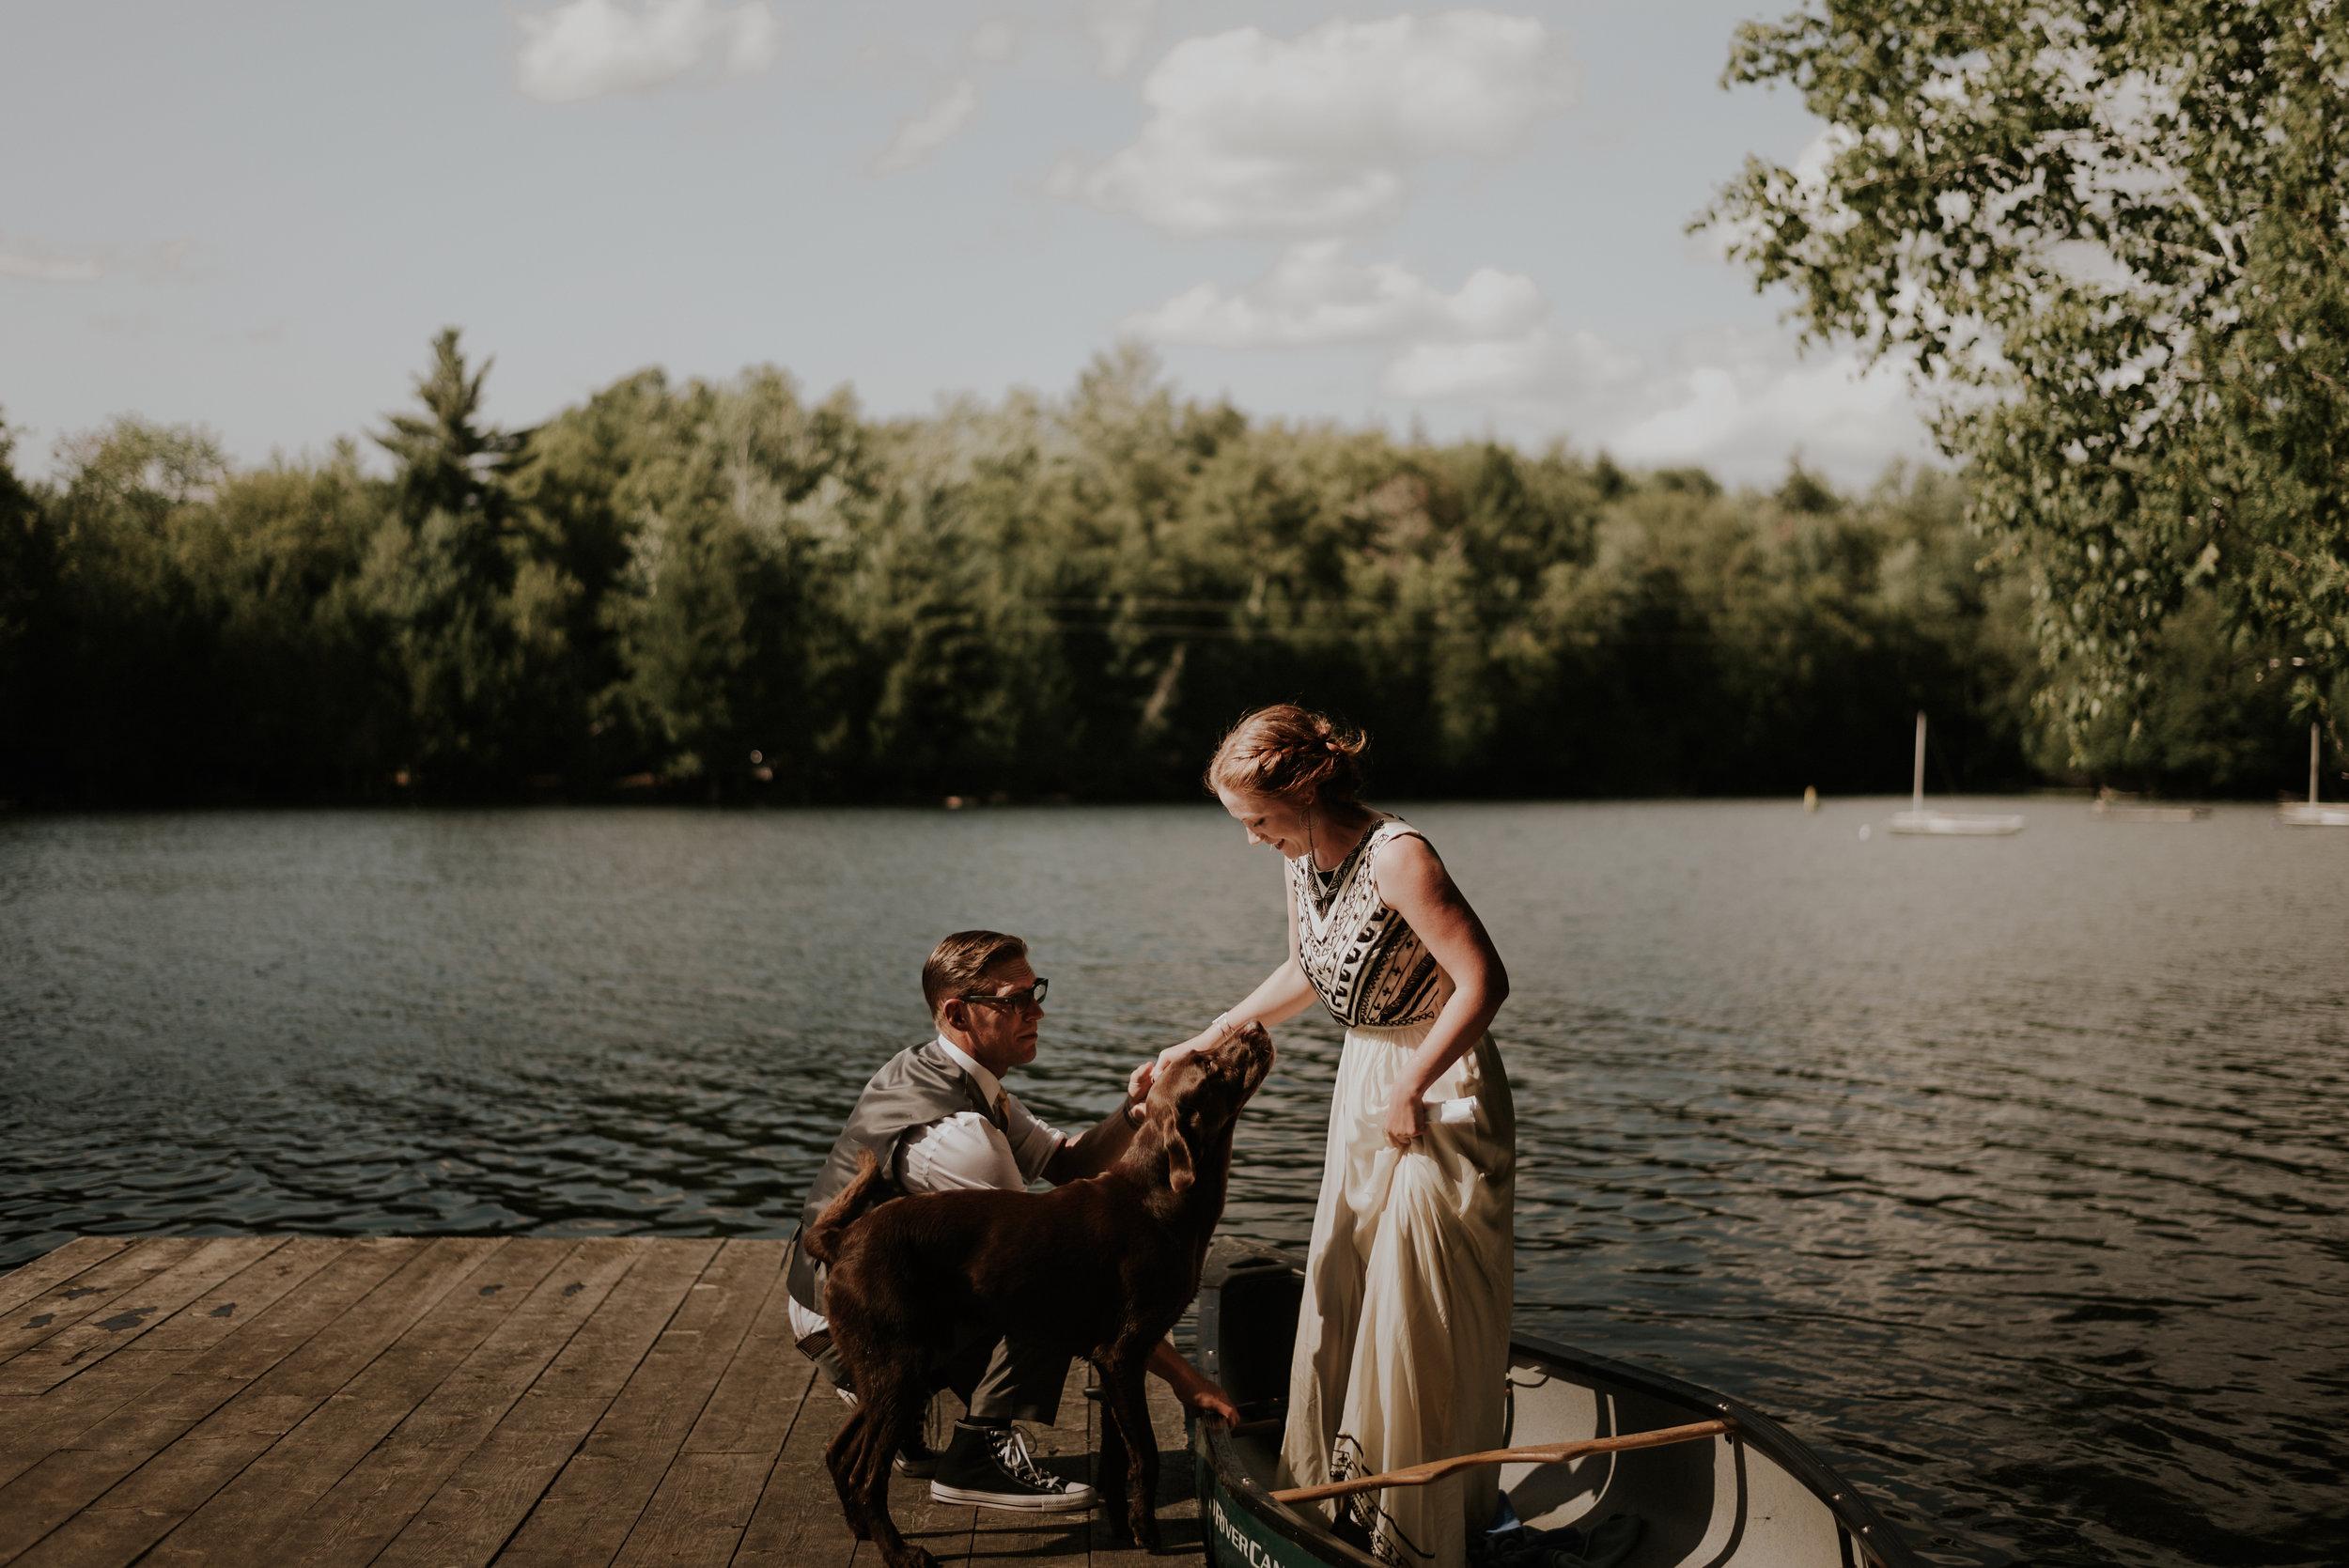 craftsbury-vermont-summer camp-wedding-5.jpg